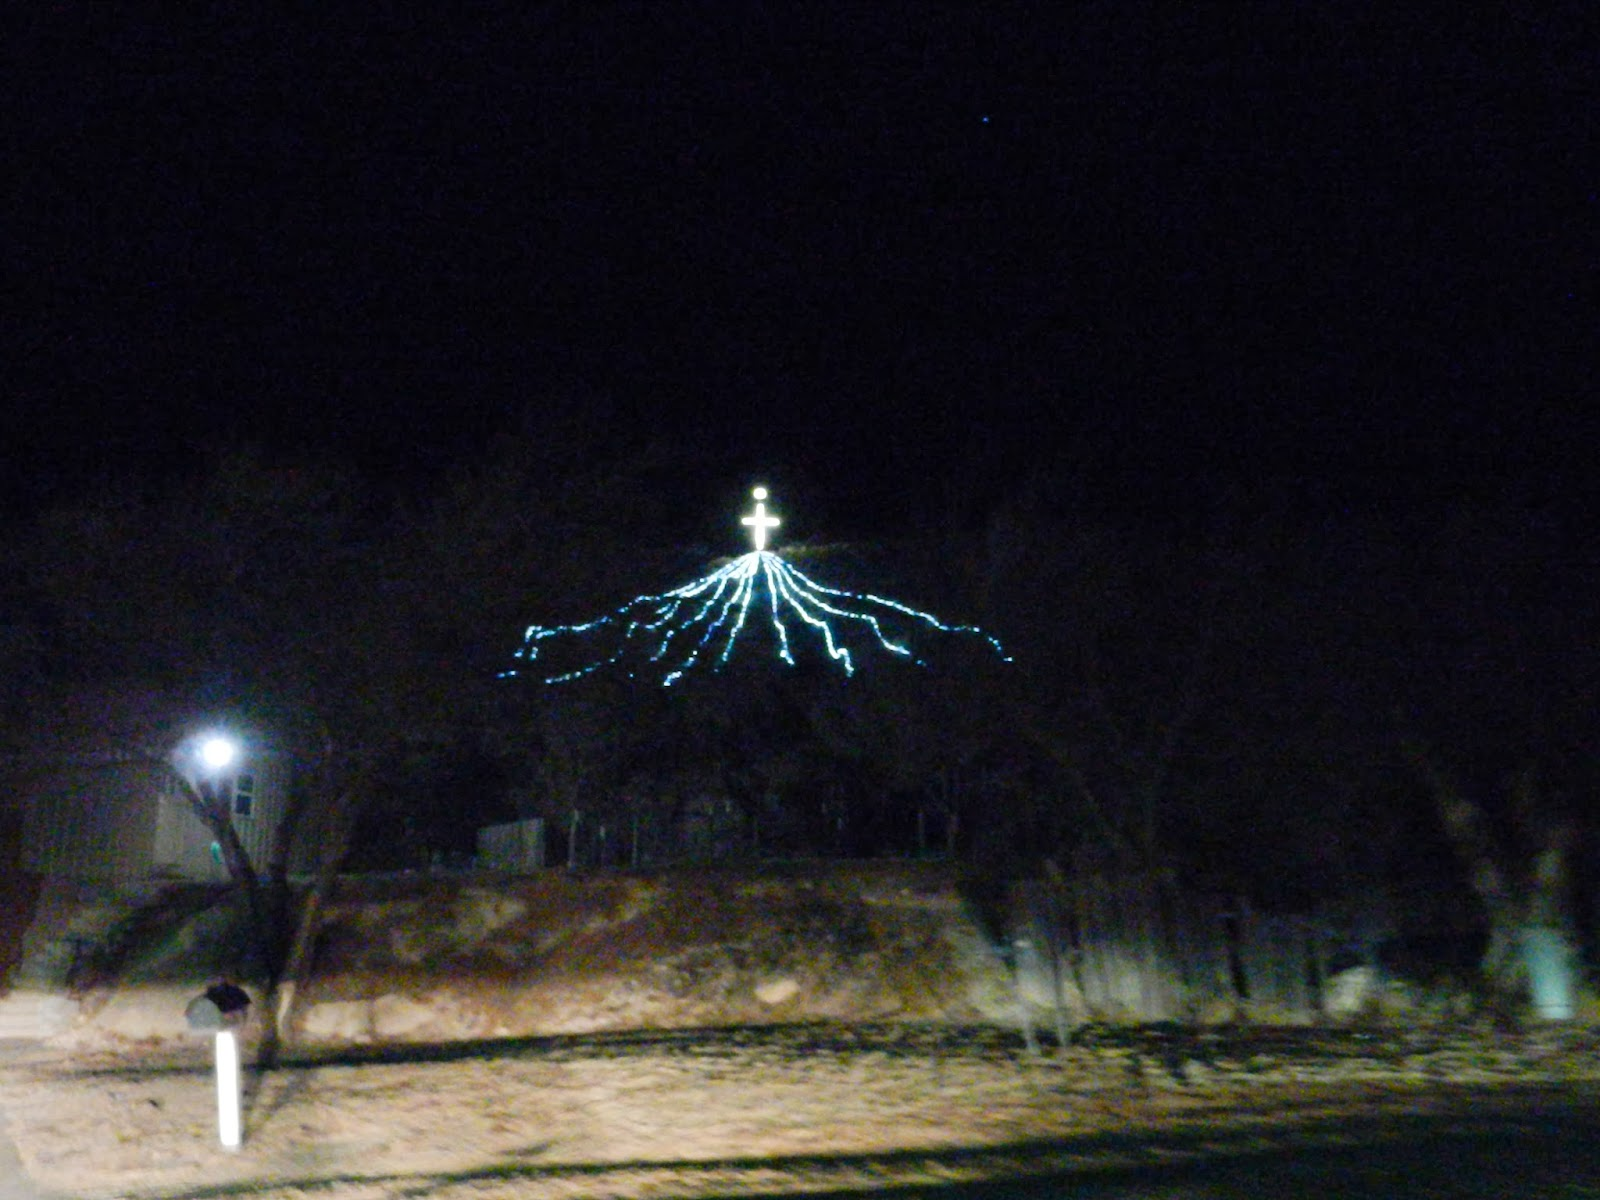 Christmas light show